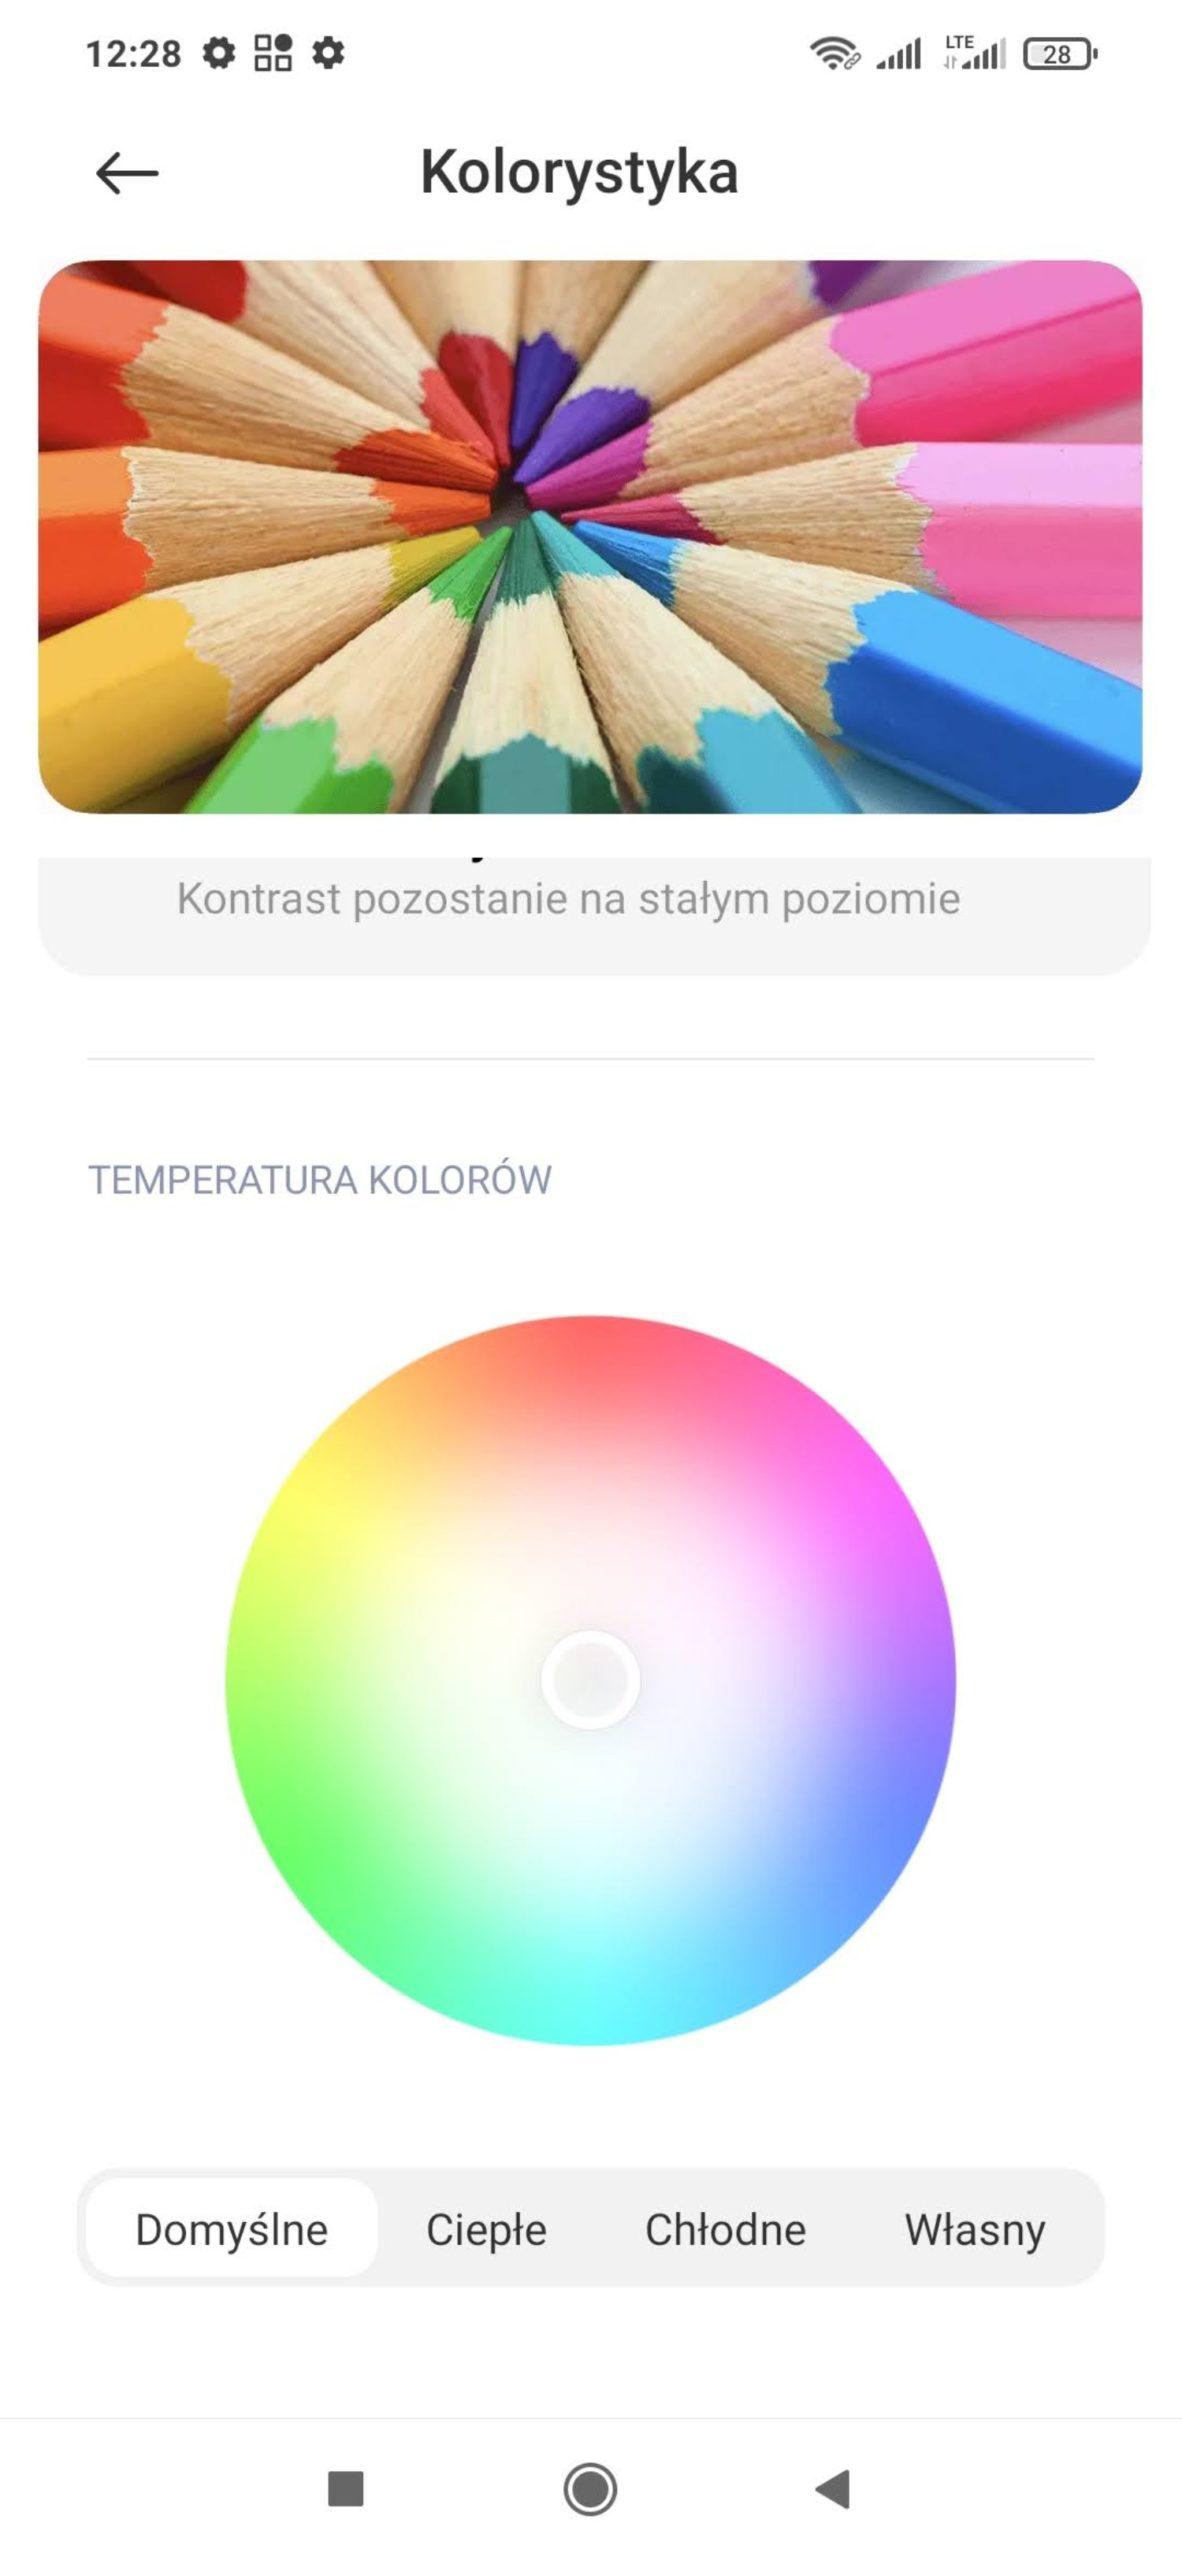 temeratura-kolorow-poco-m3-geex